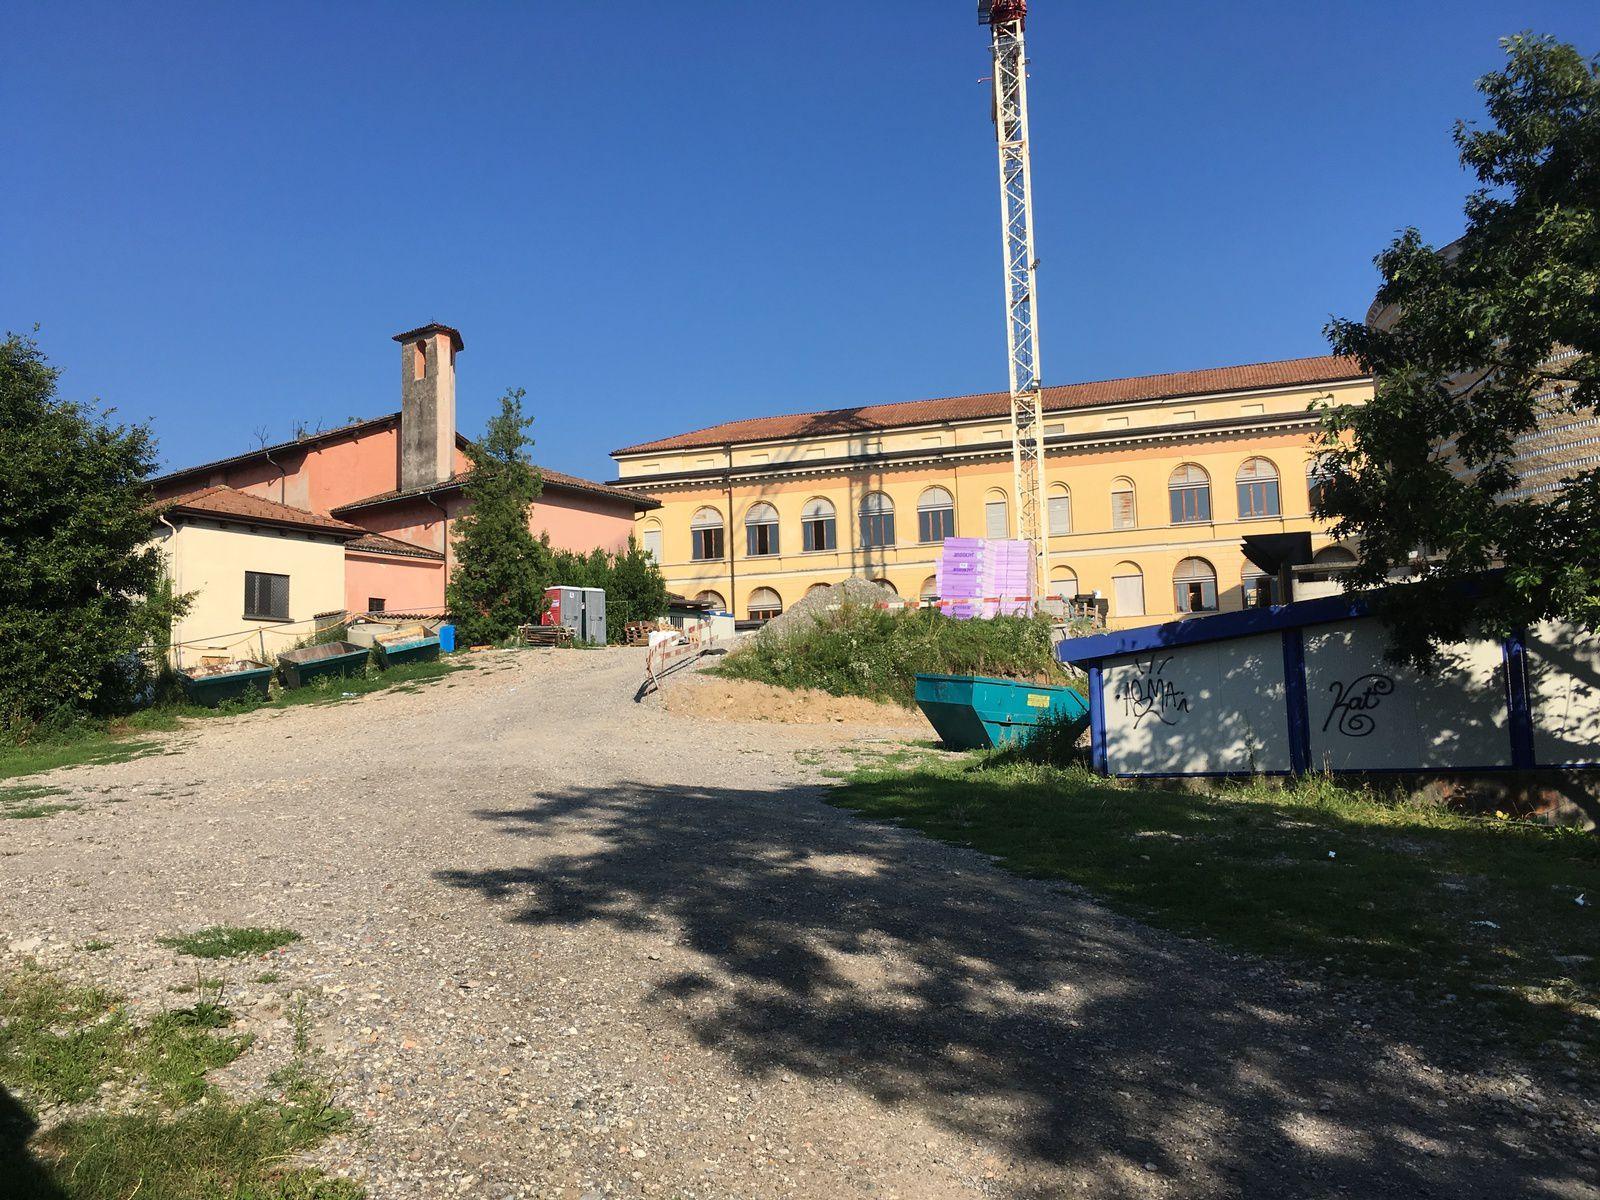 area oggetto della domanda di costruzione senza modinatura durante la pubblicazione (11 e 12 luglio)